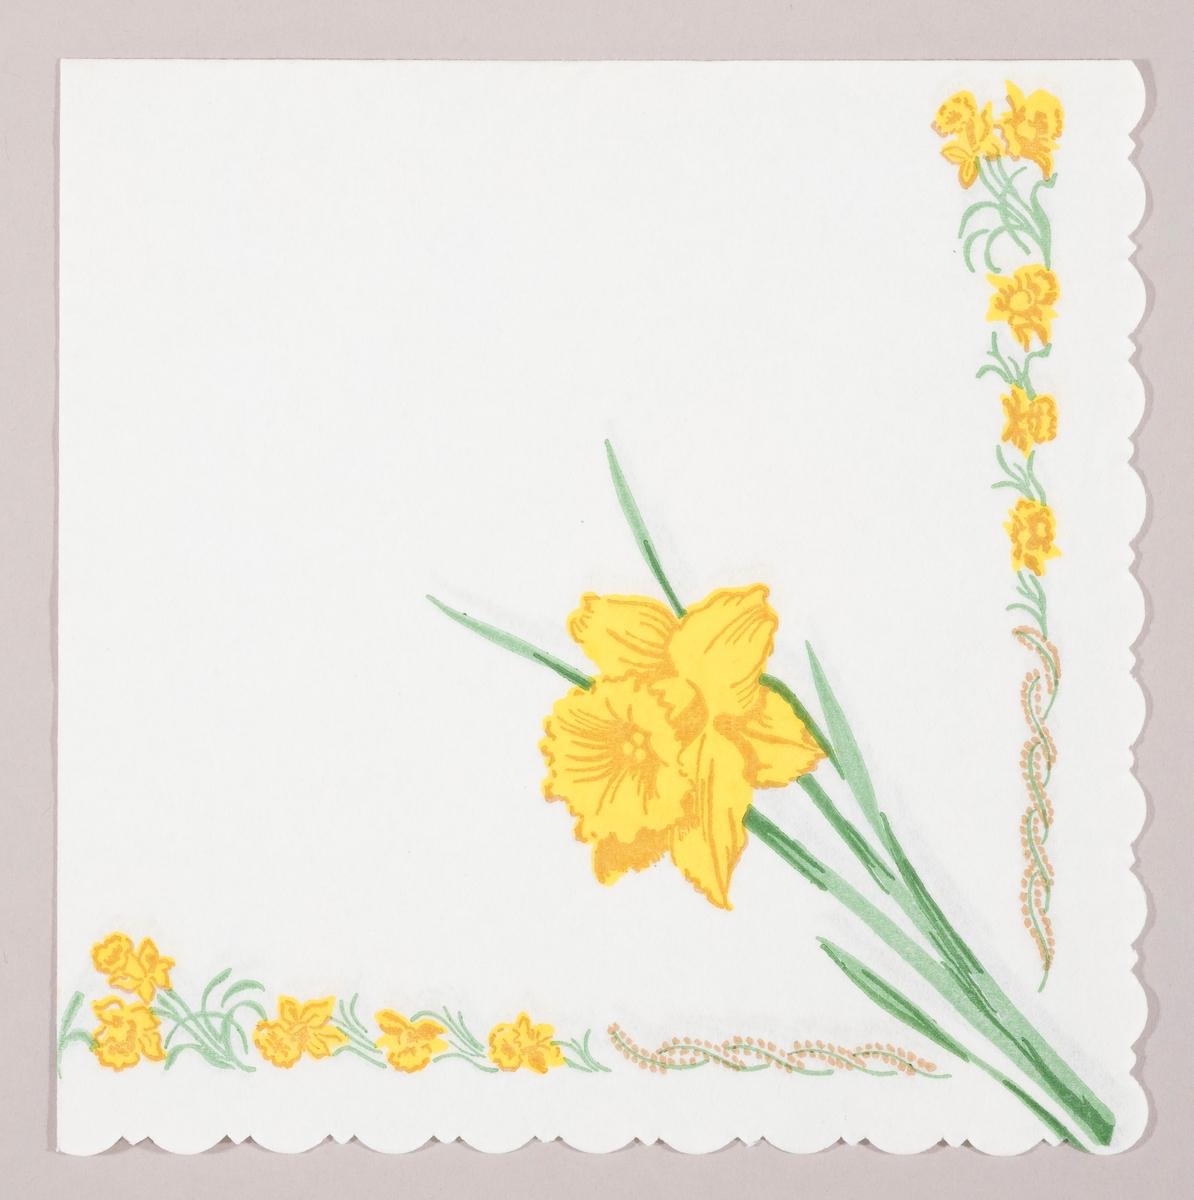 En påskelilje. Små påskeliljer langs kanten sammen med et bånd av rakler.